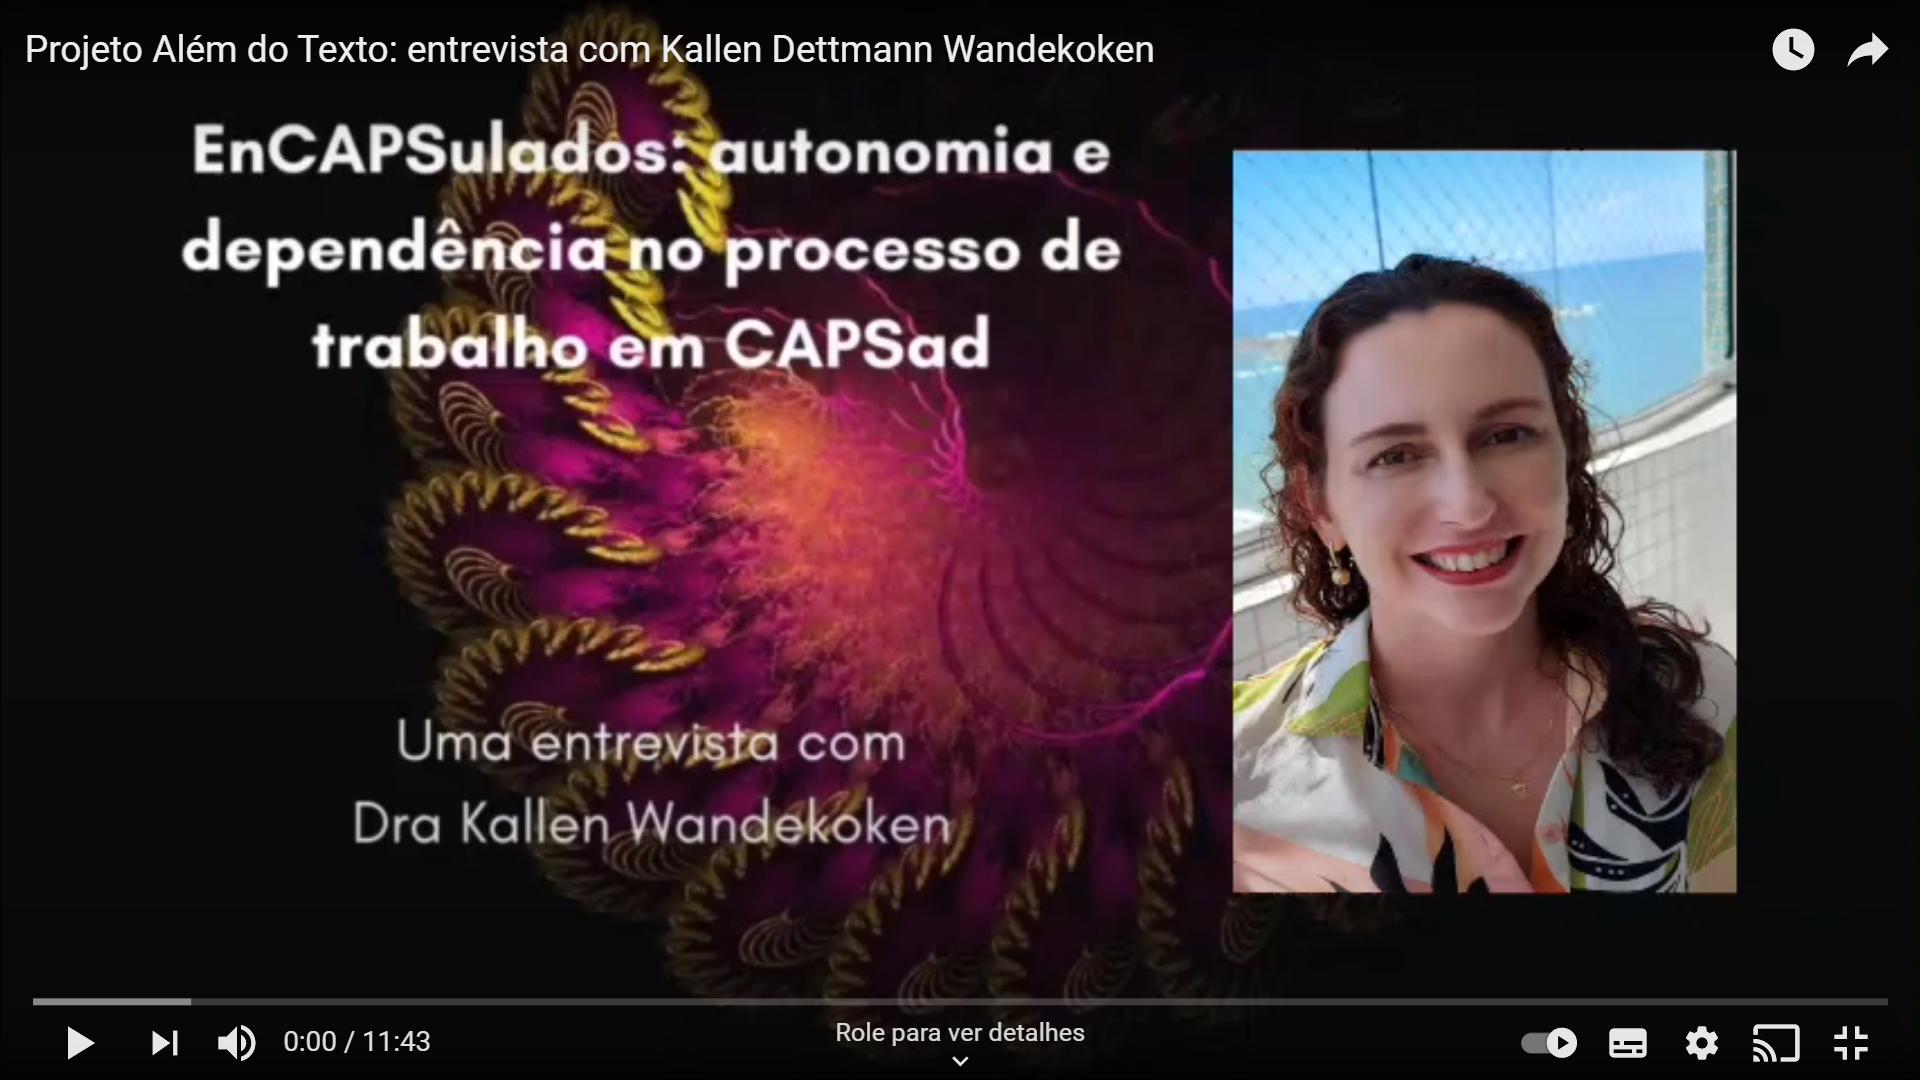 """Imagem que conte´m o título do artigo """"'EnCAPSulados': autonomia e dependência no processo de trabalho em CAPSad"""", a foto de Kallen Dettmann Wandekoken e o plano de fundo é formato por um fractal"""